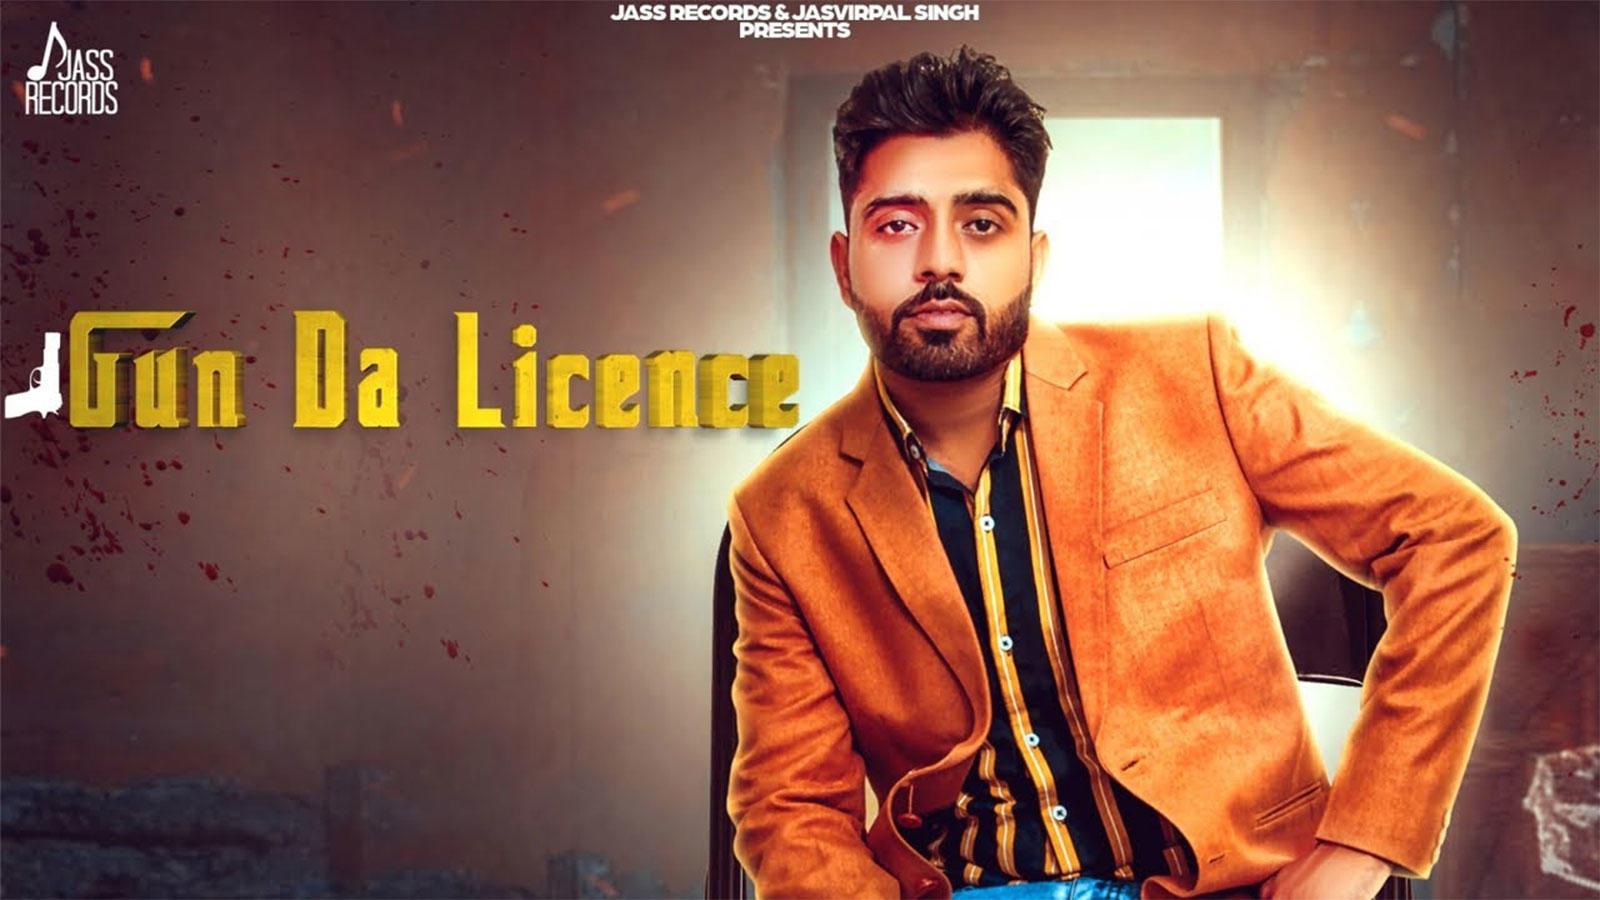 Latest Punjabi Song 'Gun Da Licence' (Audio) Sung By Jeevan Gill